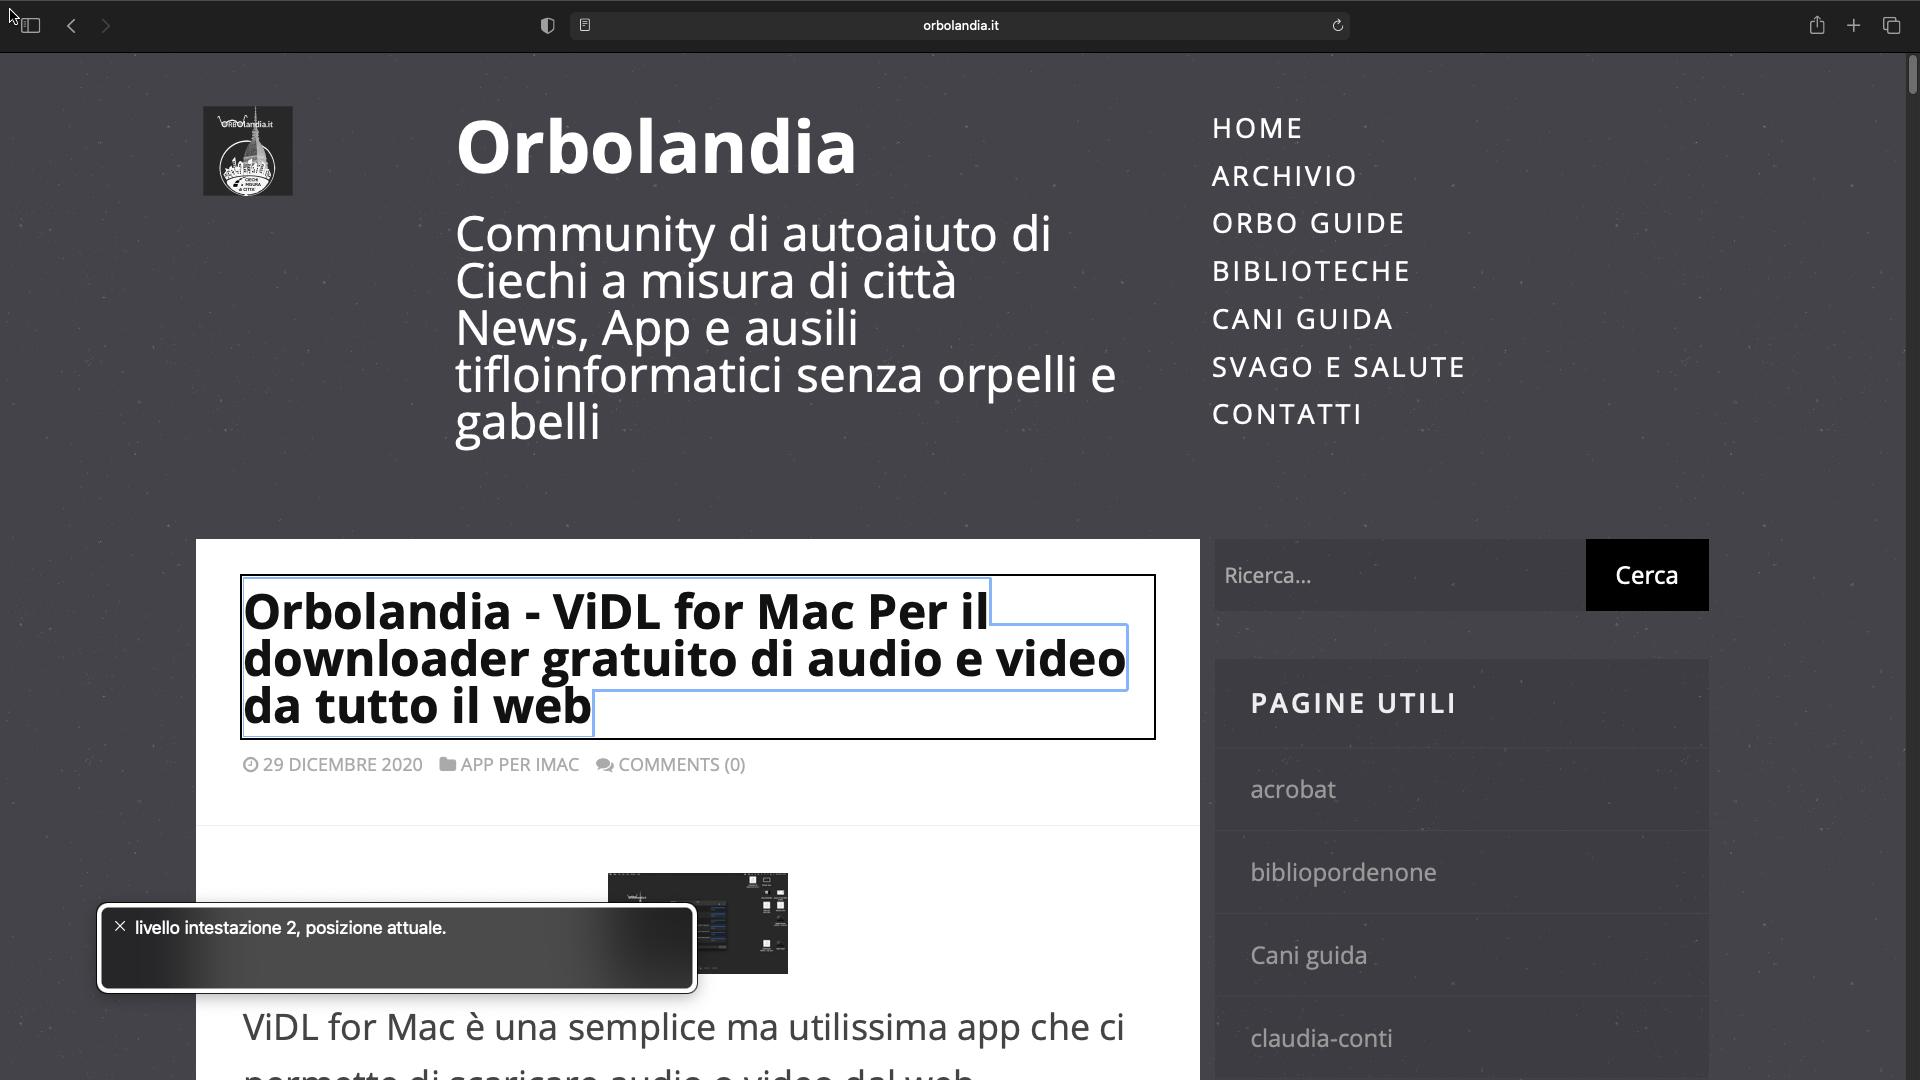 Nell'immagine una schermata dell'iMac mentre si naviga il sito di orbolandia.it